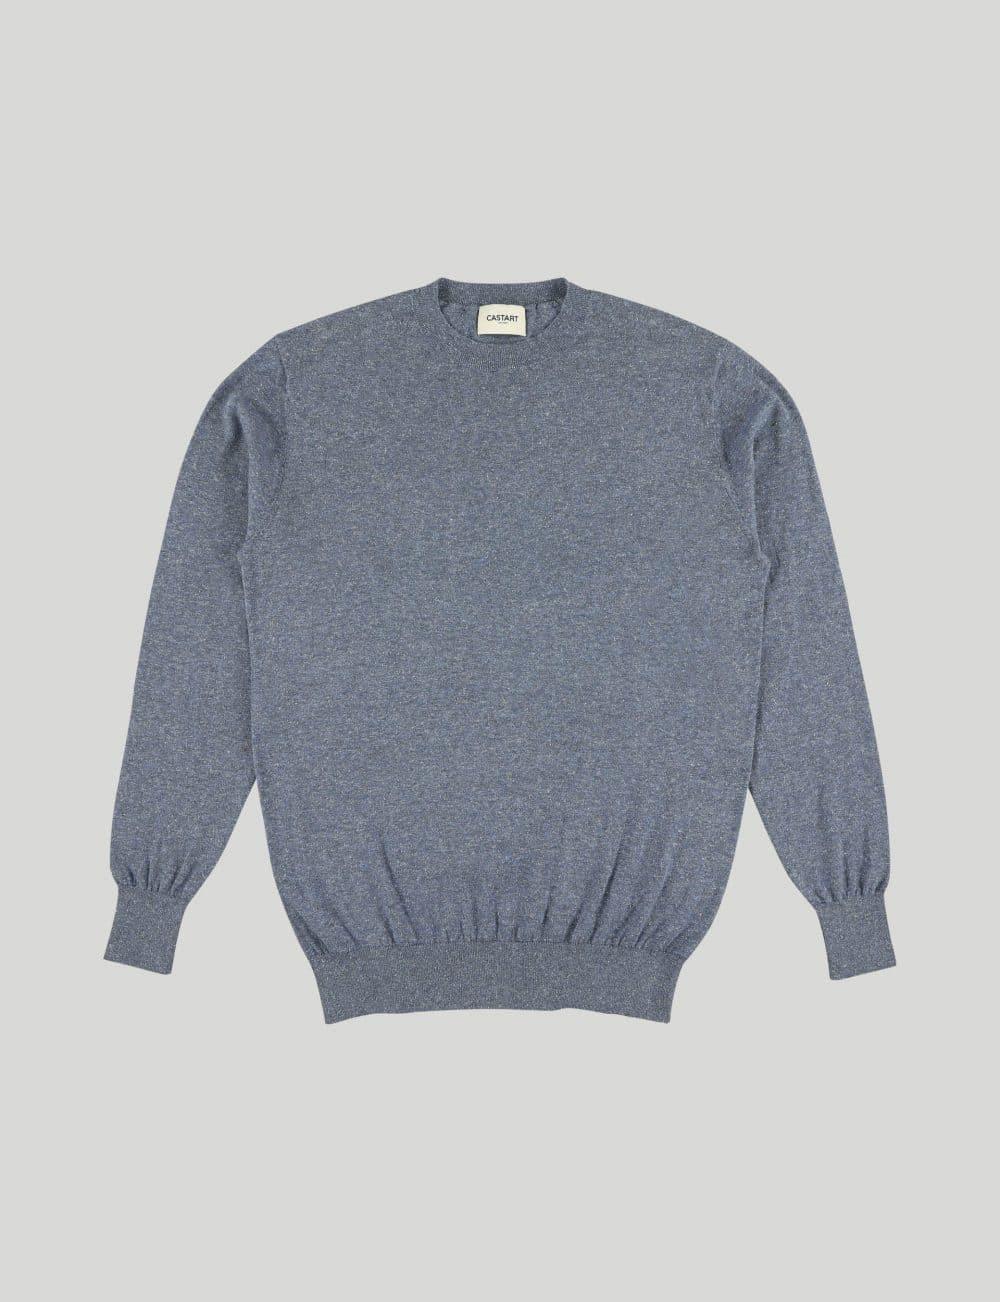 Castart - Talacre knitwear - Navy Blue